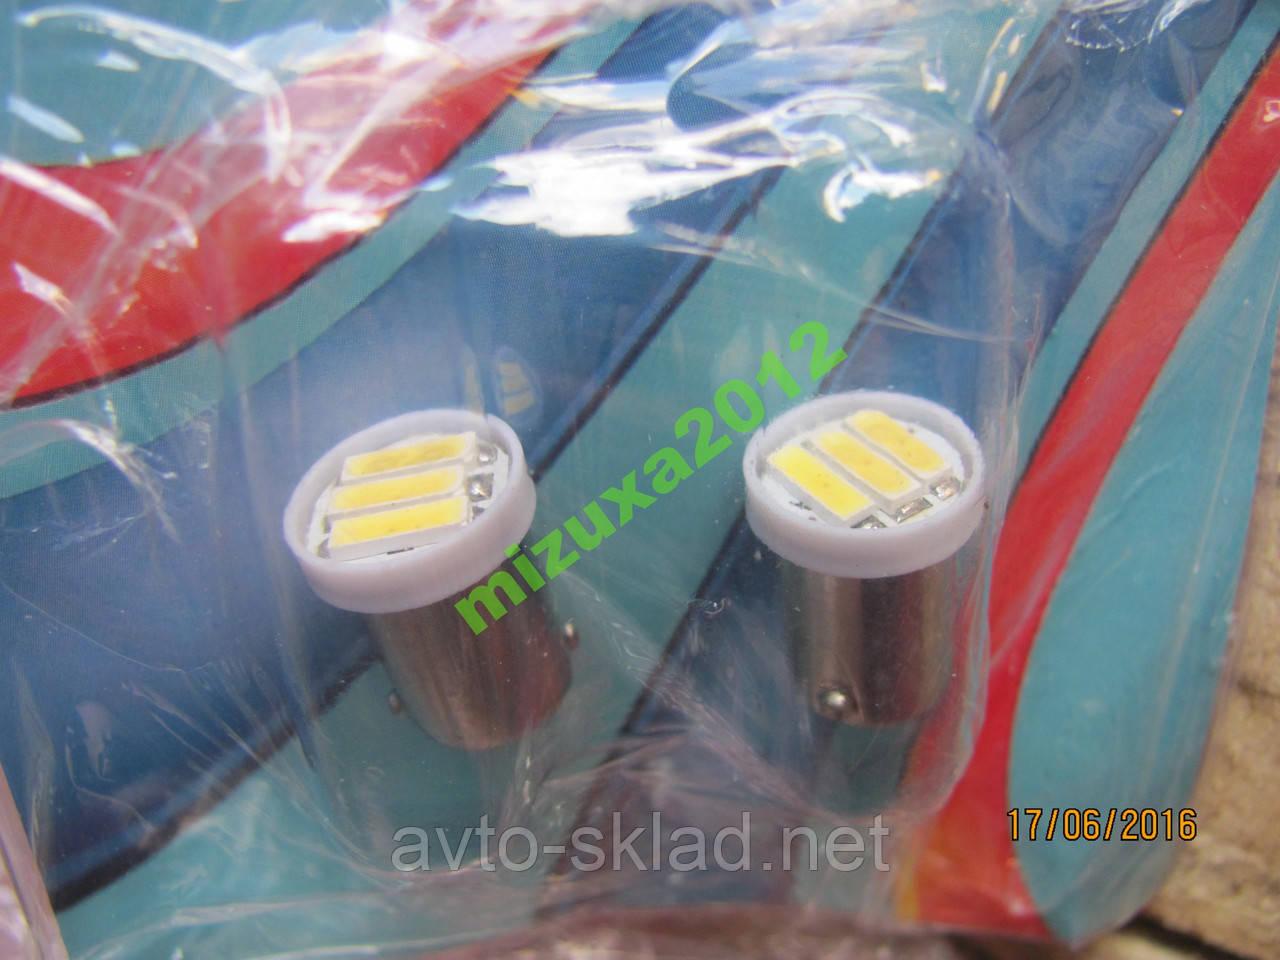 Світлодіод цокольні габаритів 3SMD діодів білі 2